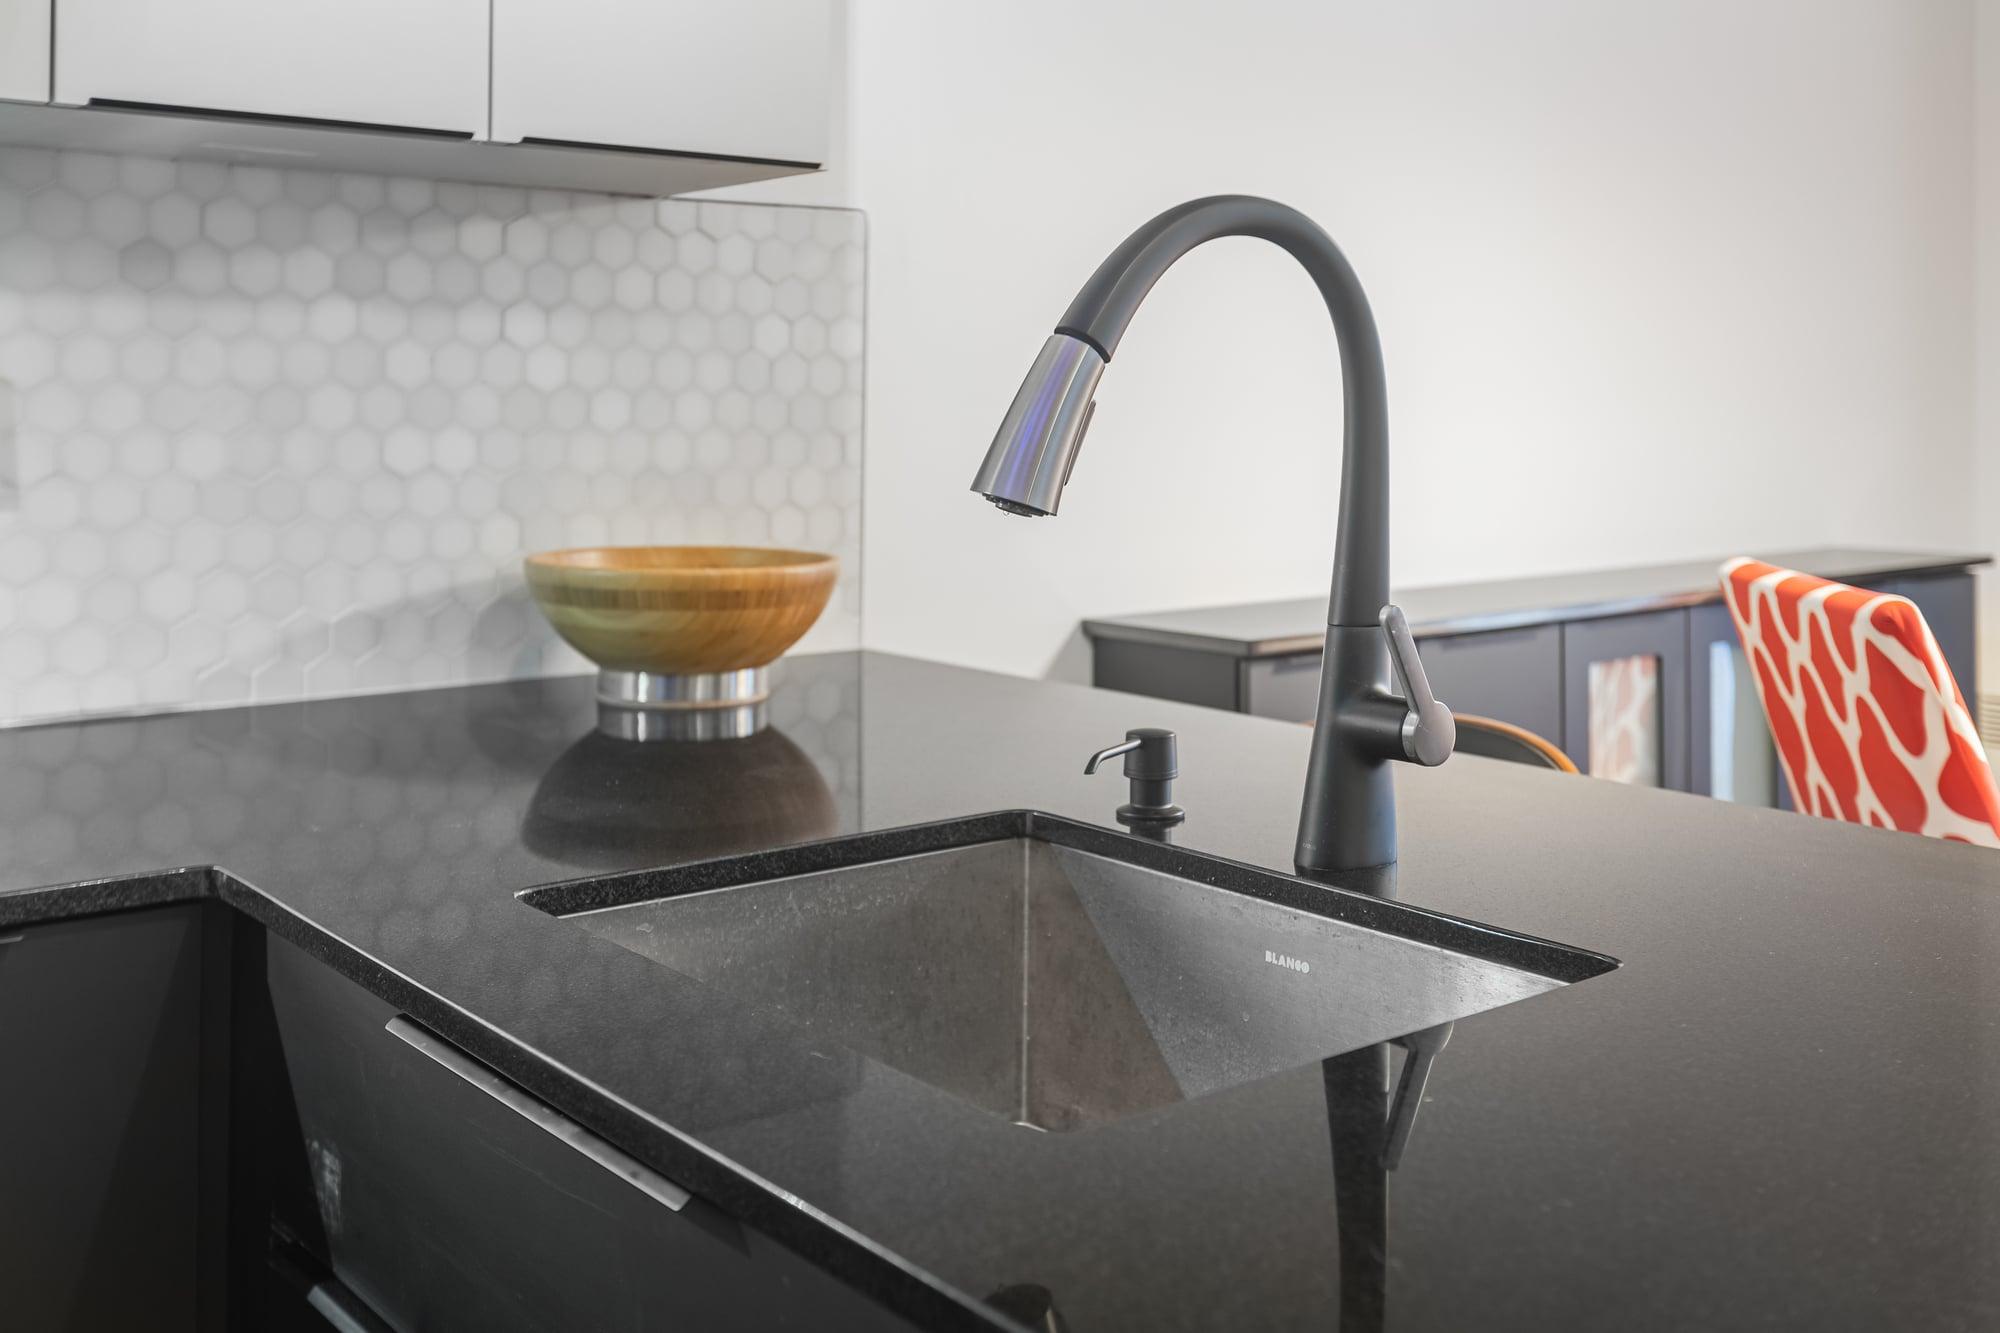 robinet de cuisine avec lavabo carré intégré dans comptoir noir